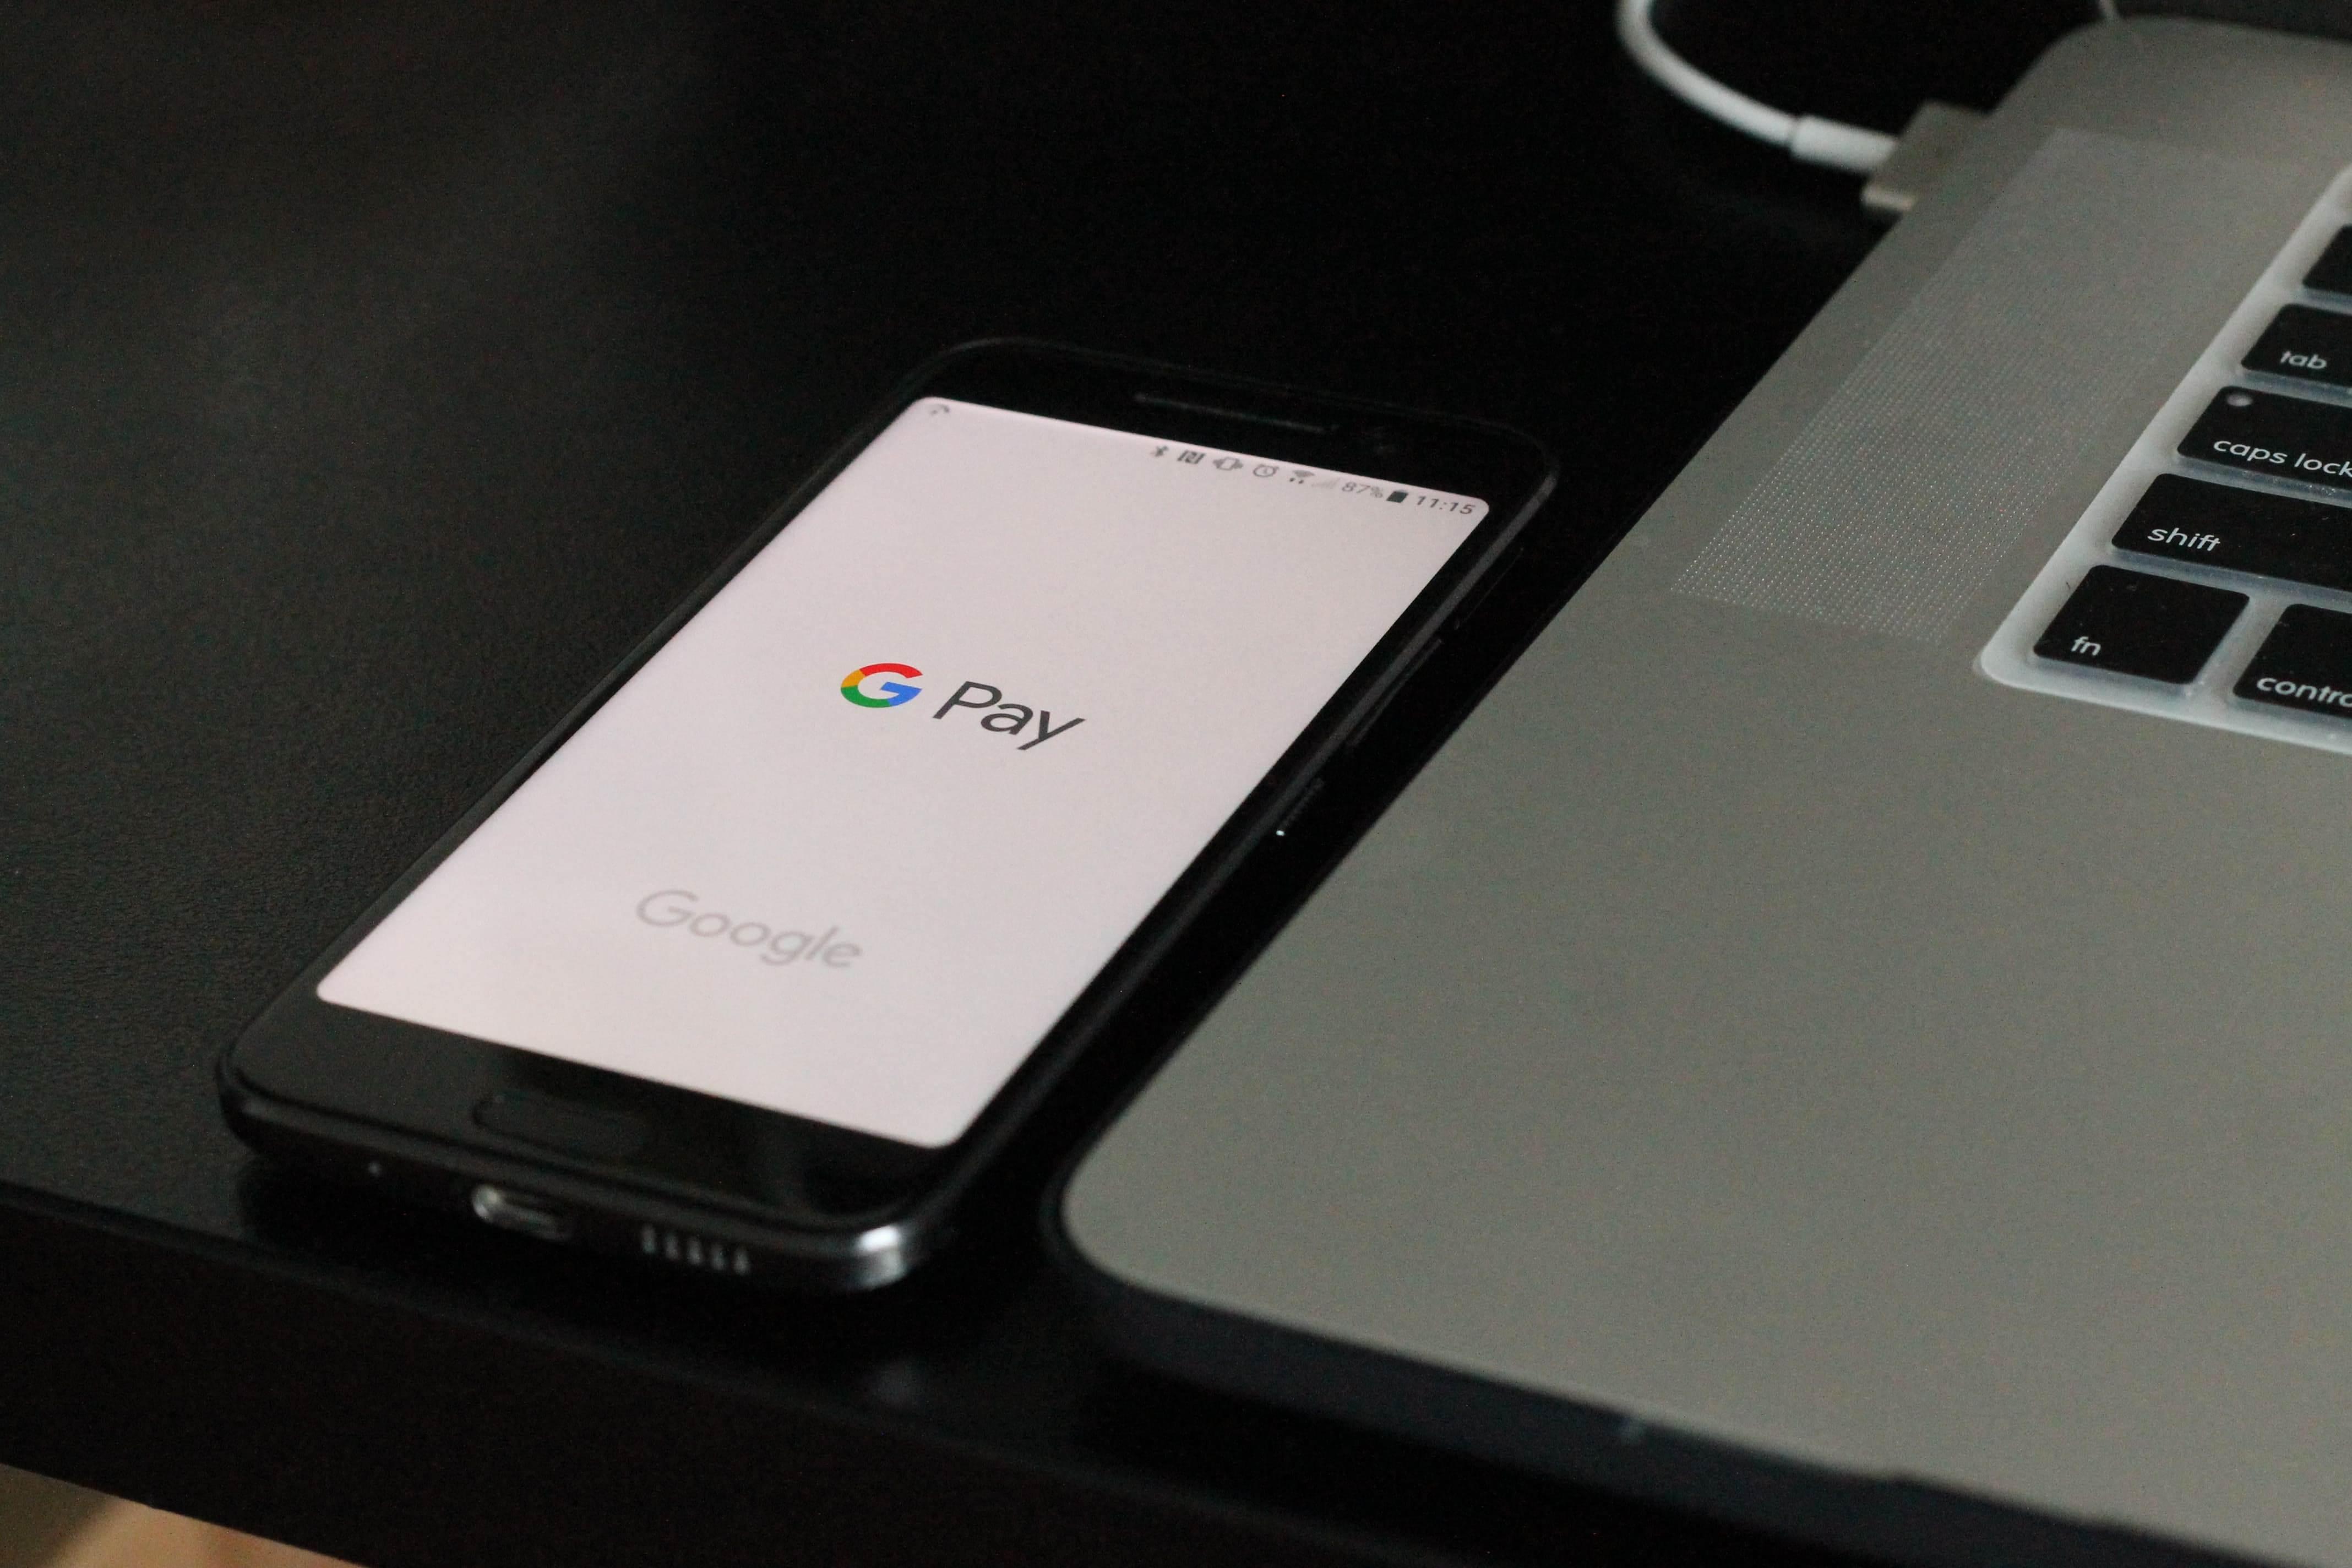 ¿Usas Android? Aguas: advierten sobre App que roba información bancaria